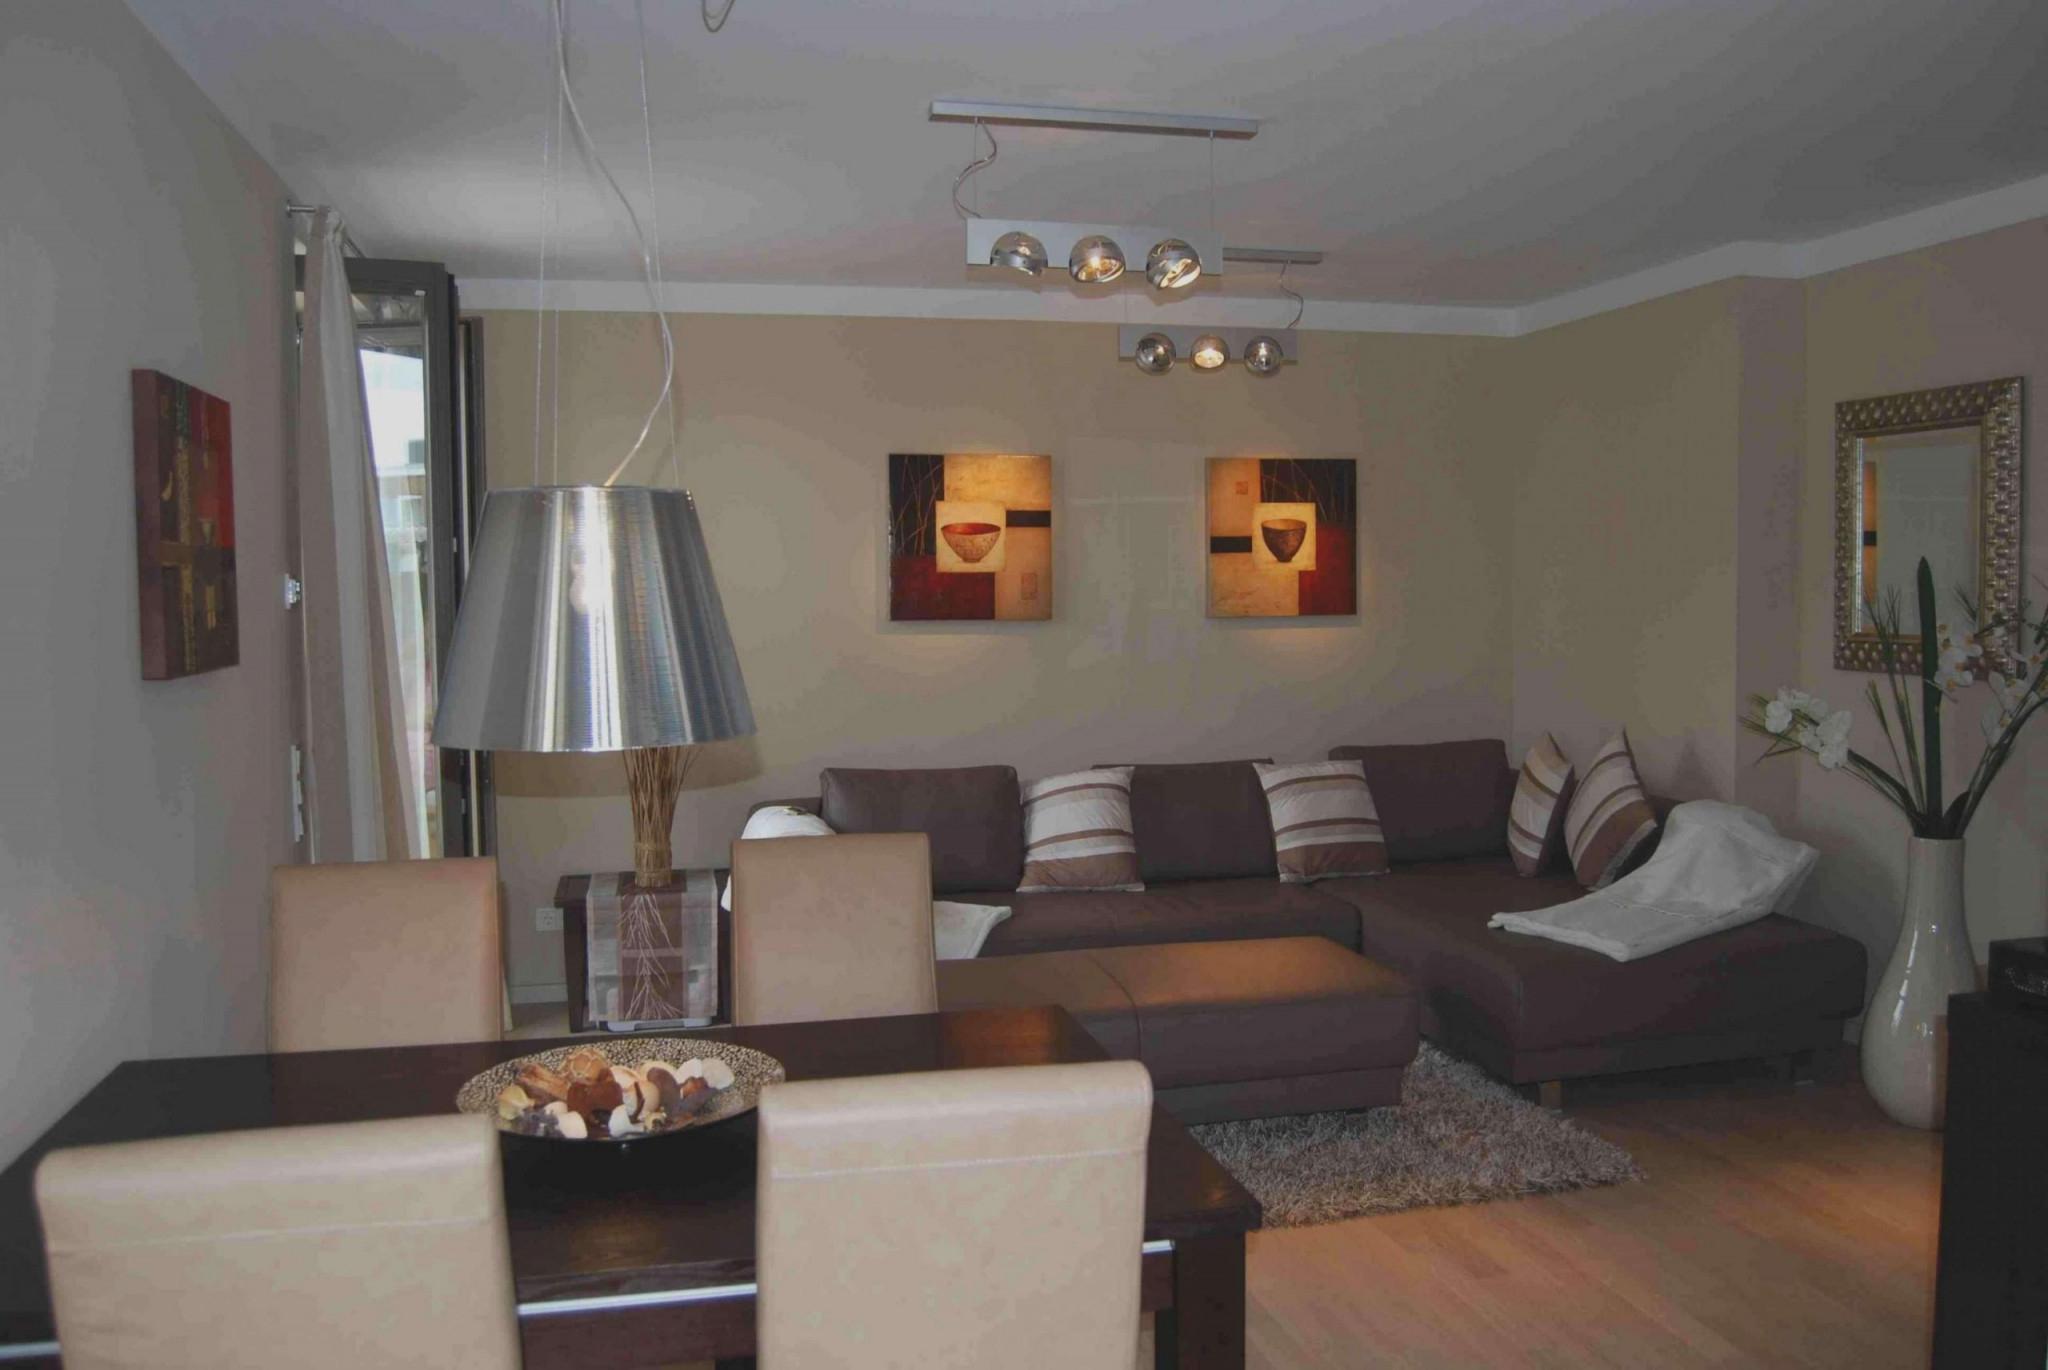 30 Luxus Kleines Wohnzimmer Mit Essbereich Einrichten von Wohnzimmer 30 Qm Einrichten Bild